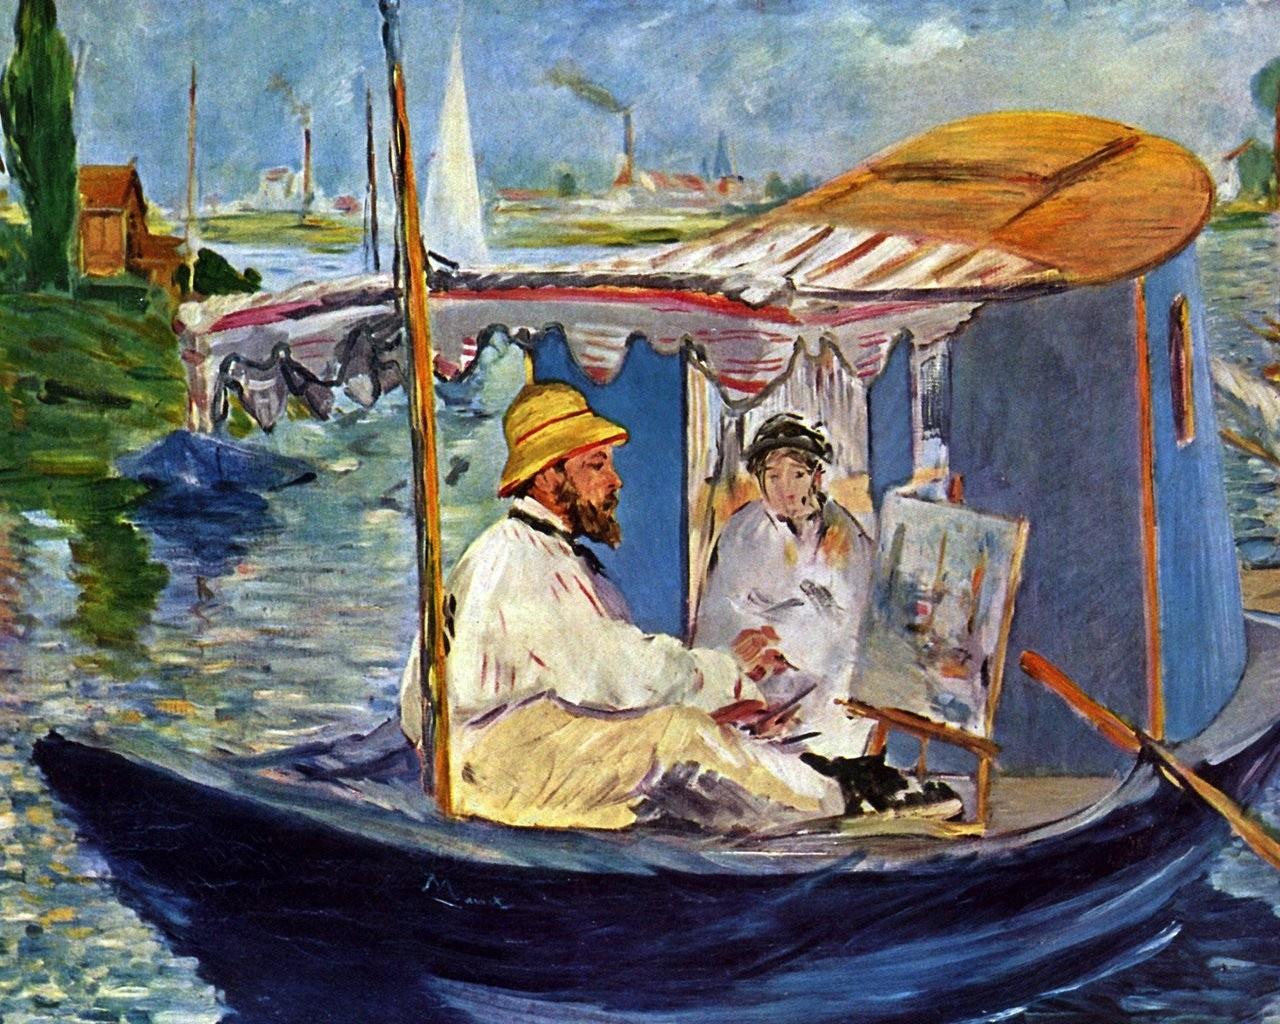 莫奈风景油画作品欣赏著名油画《阿尔让特伊的帆船》